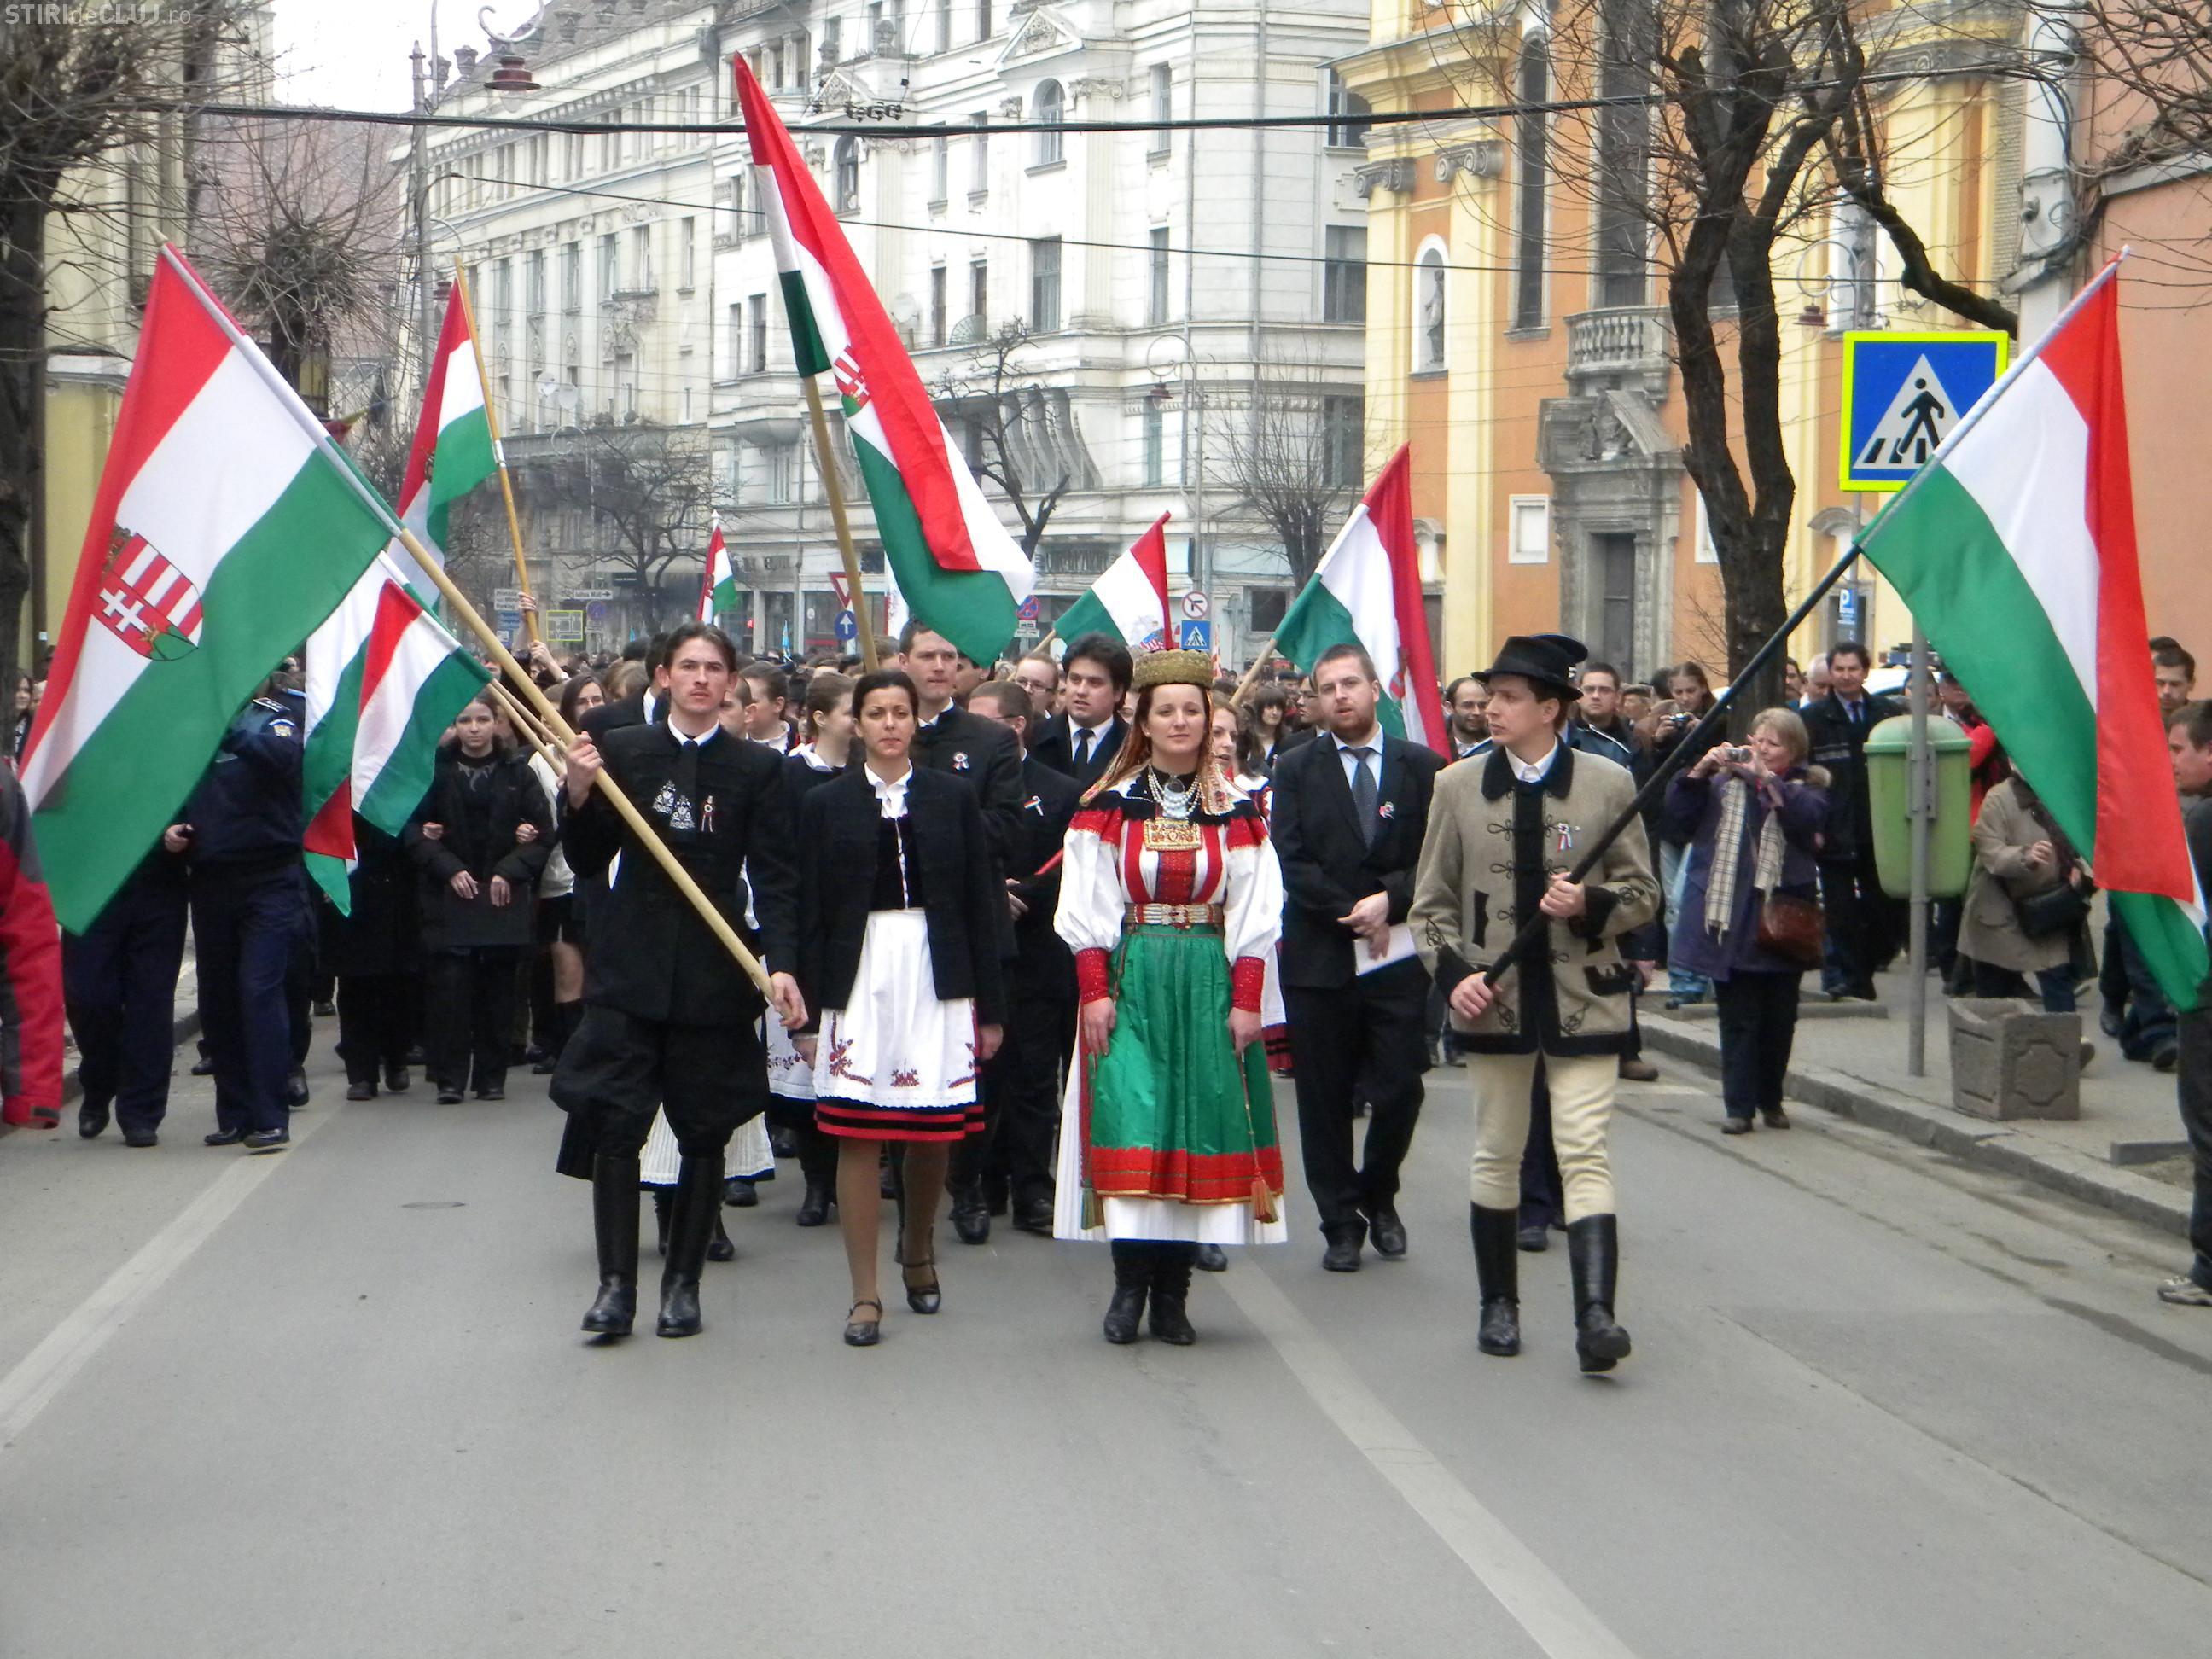 Pot ungurii sa decida primarul Clujului? Cum se impart voturile maghiarilor intre Boc, Nicoara si Eckstein Kovacs